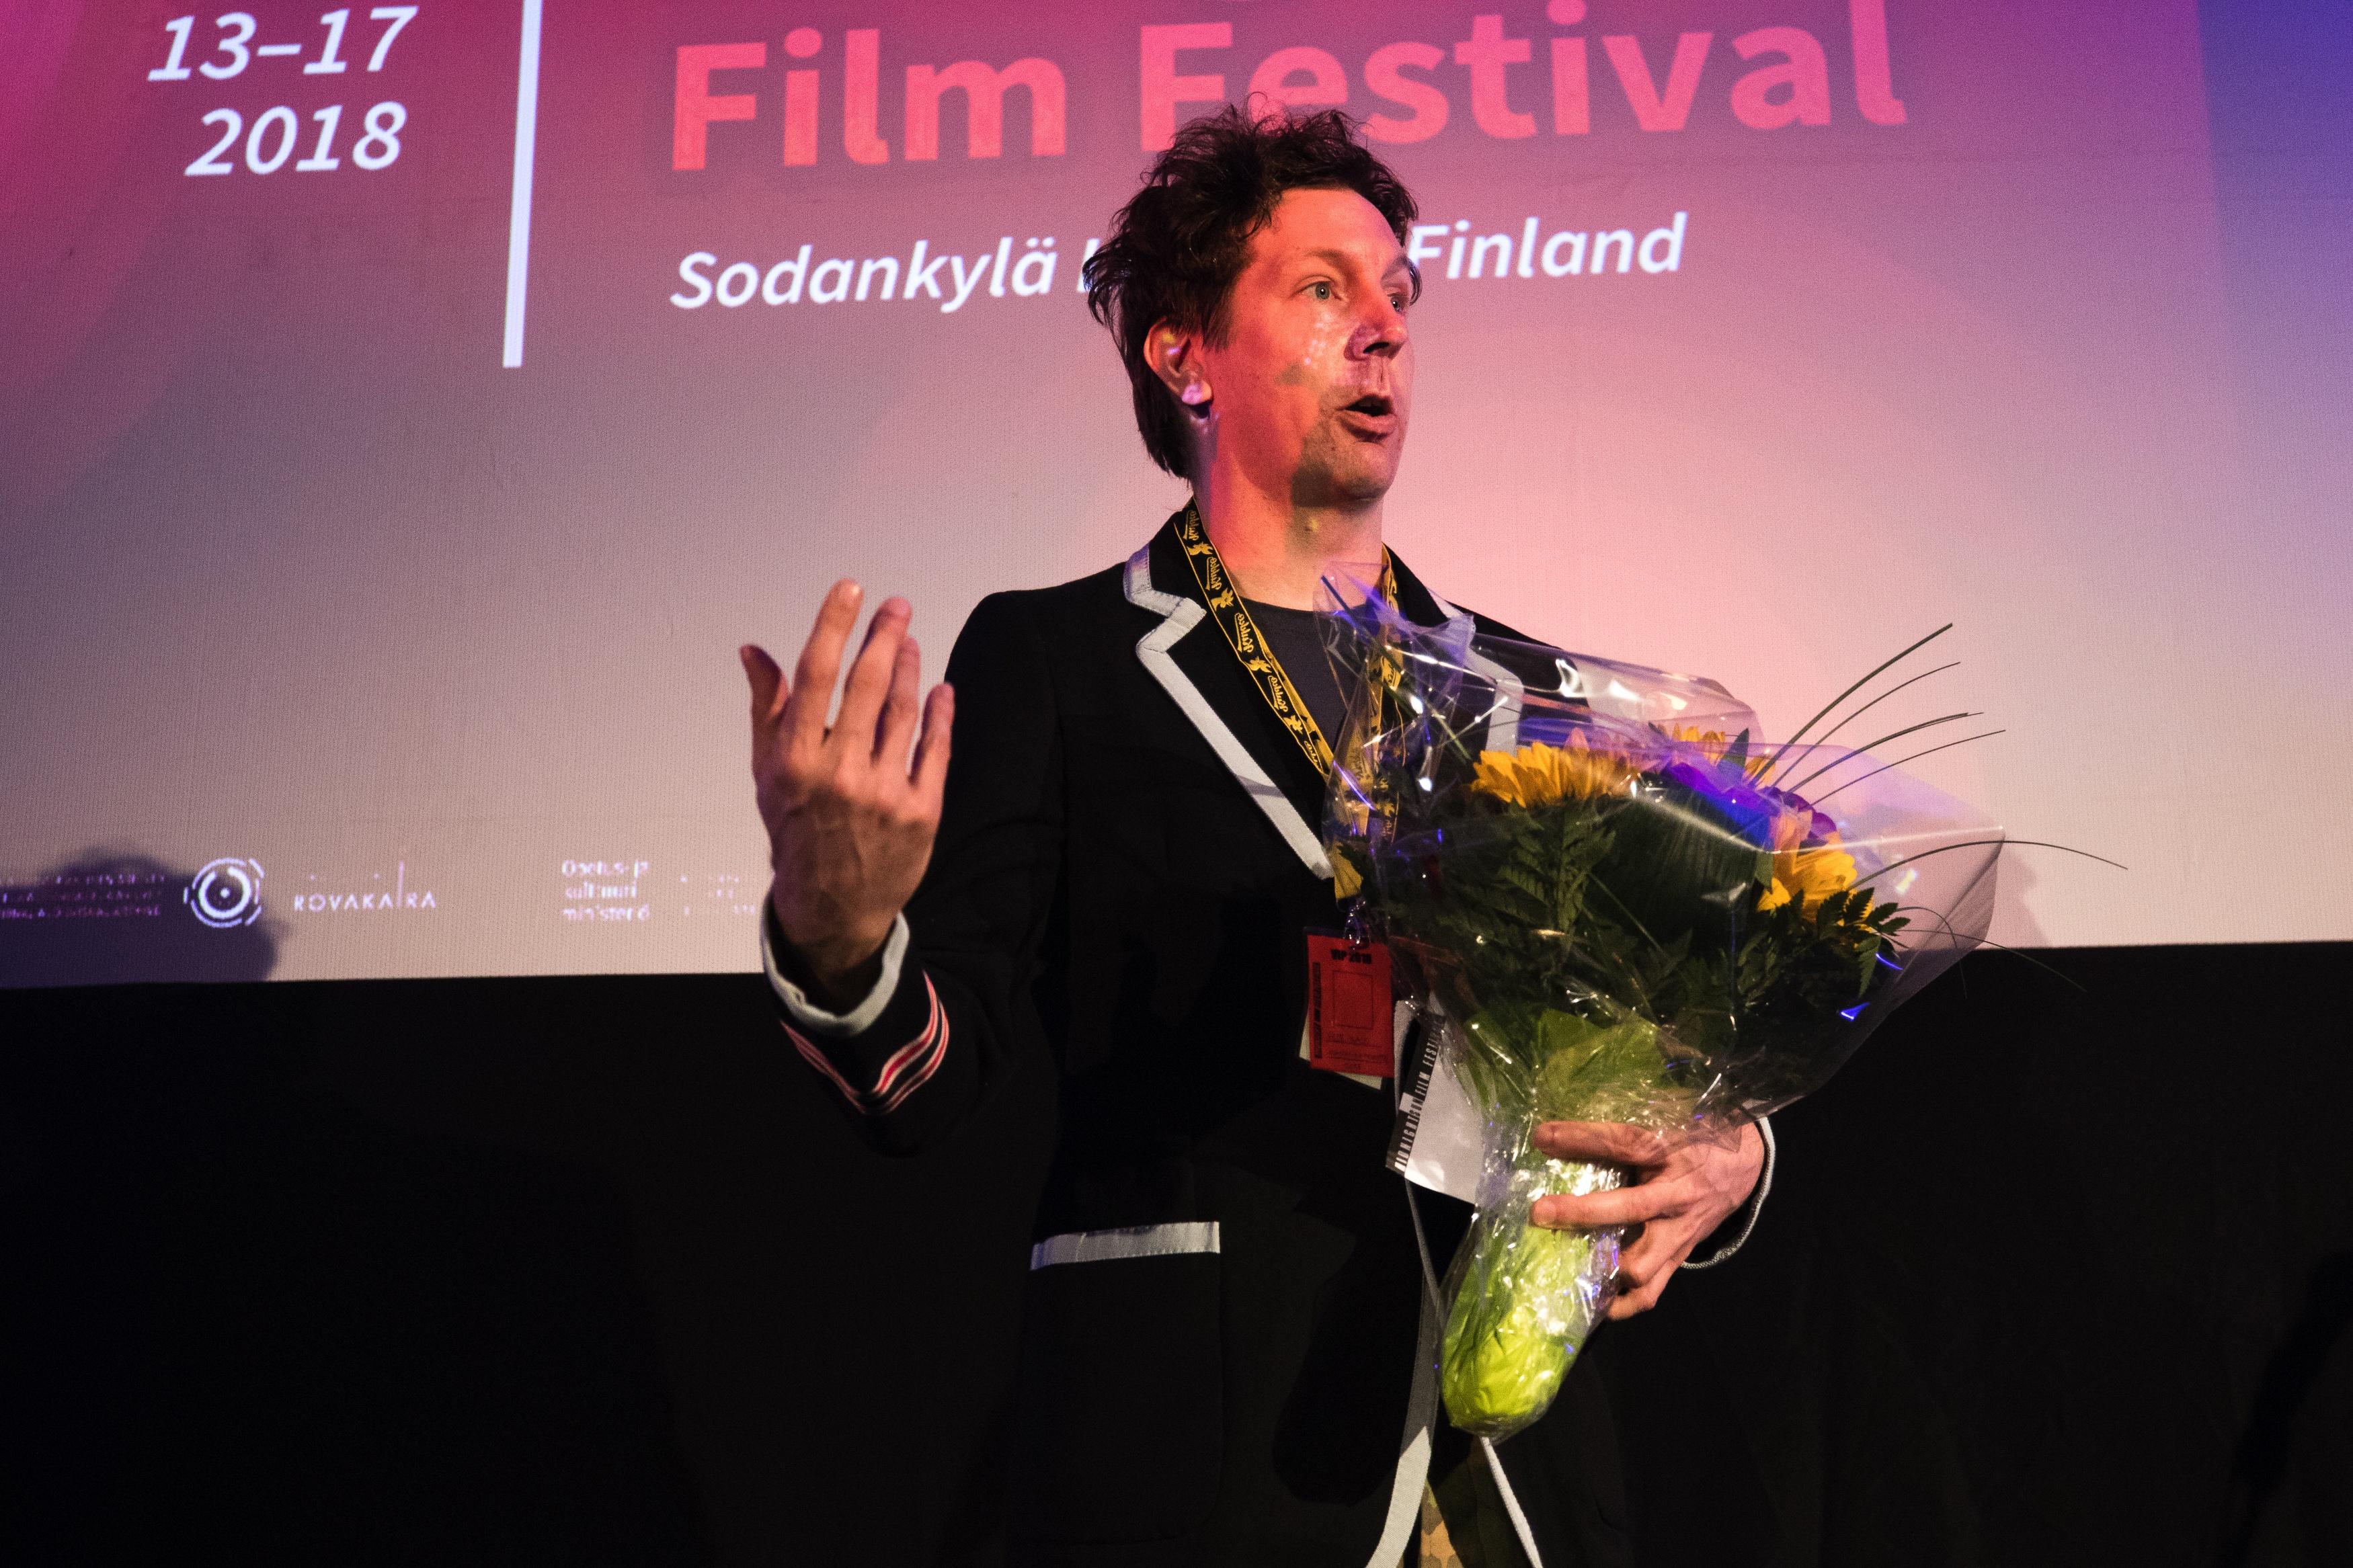 Sodankylä Elokuvateatteri